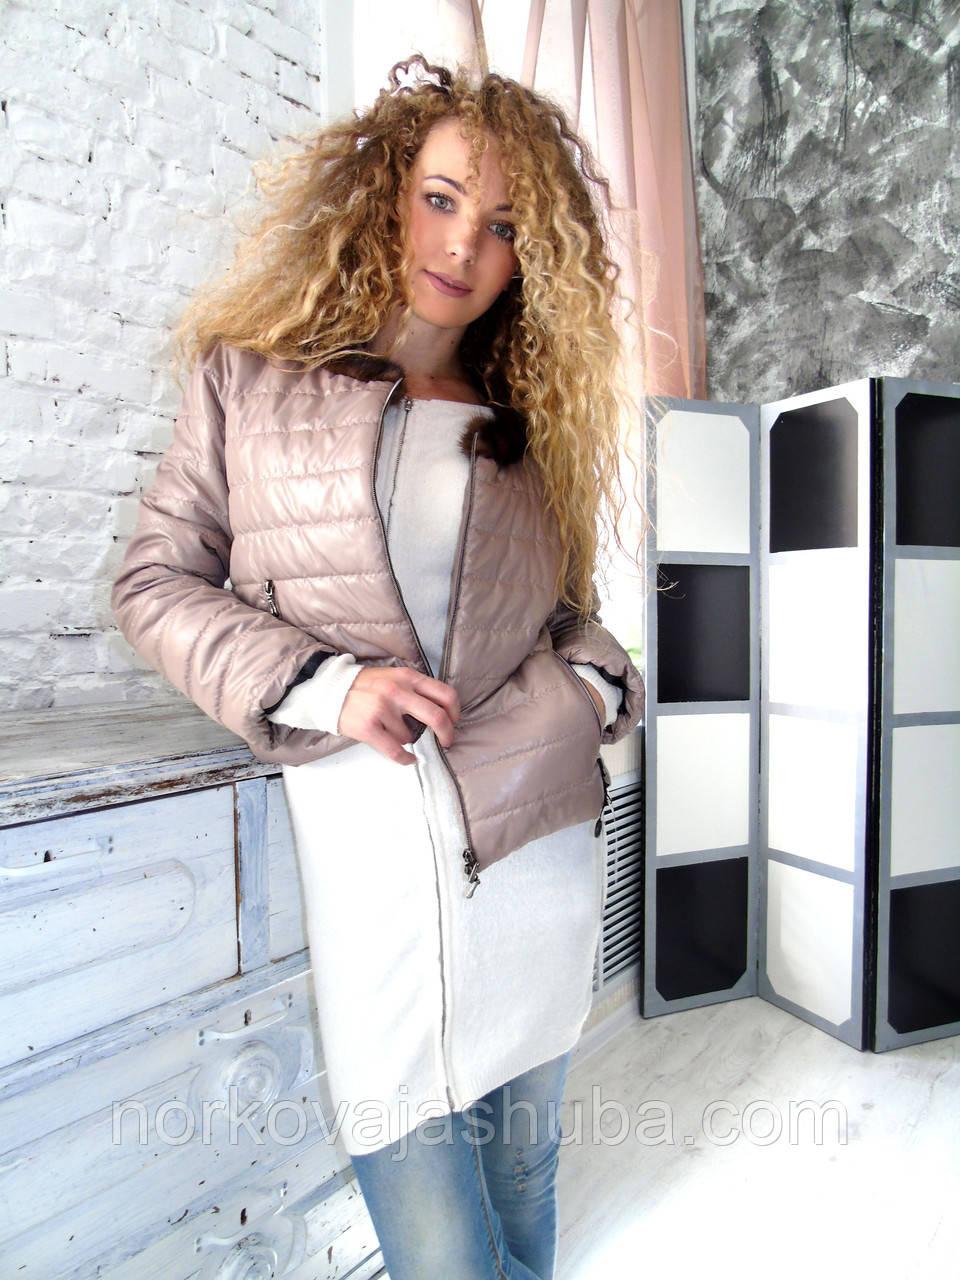 a6bc7989e228 Женская куртка осень весна с меховым 46 48 L воротником норка -  Интернет-магазин FUR